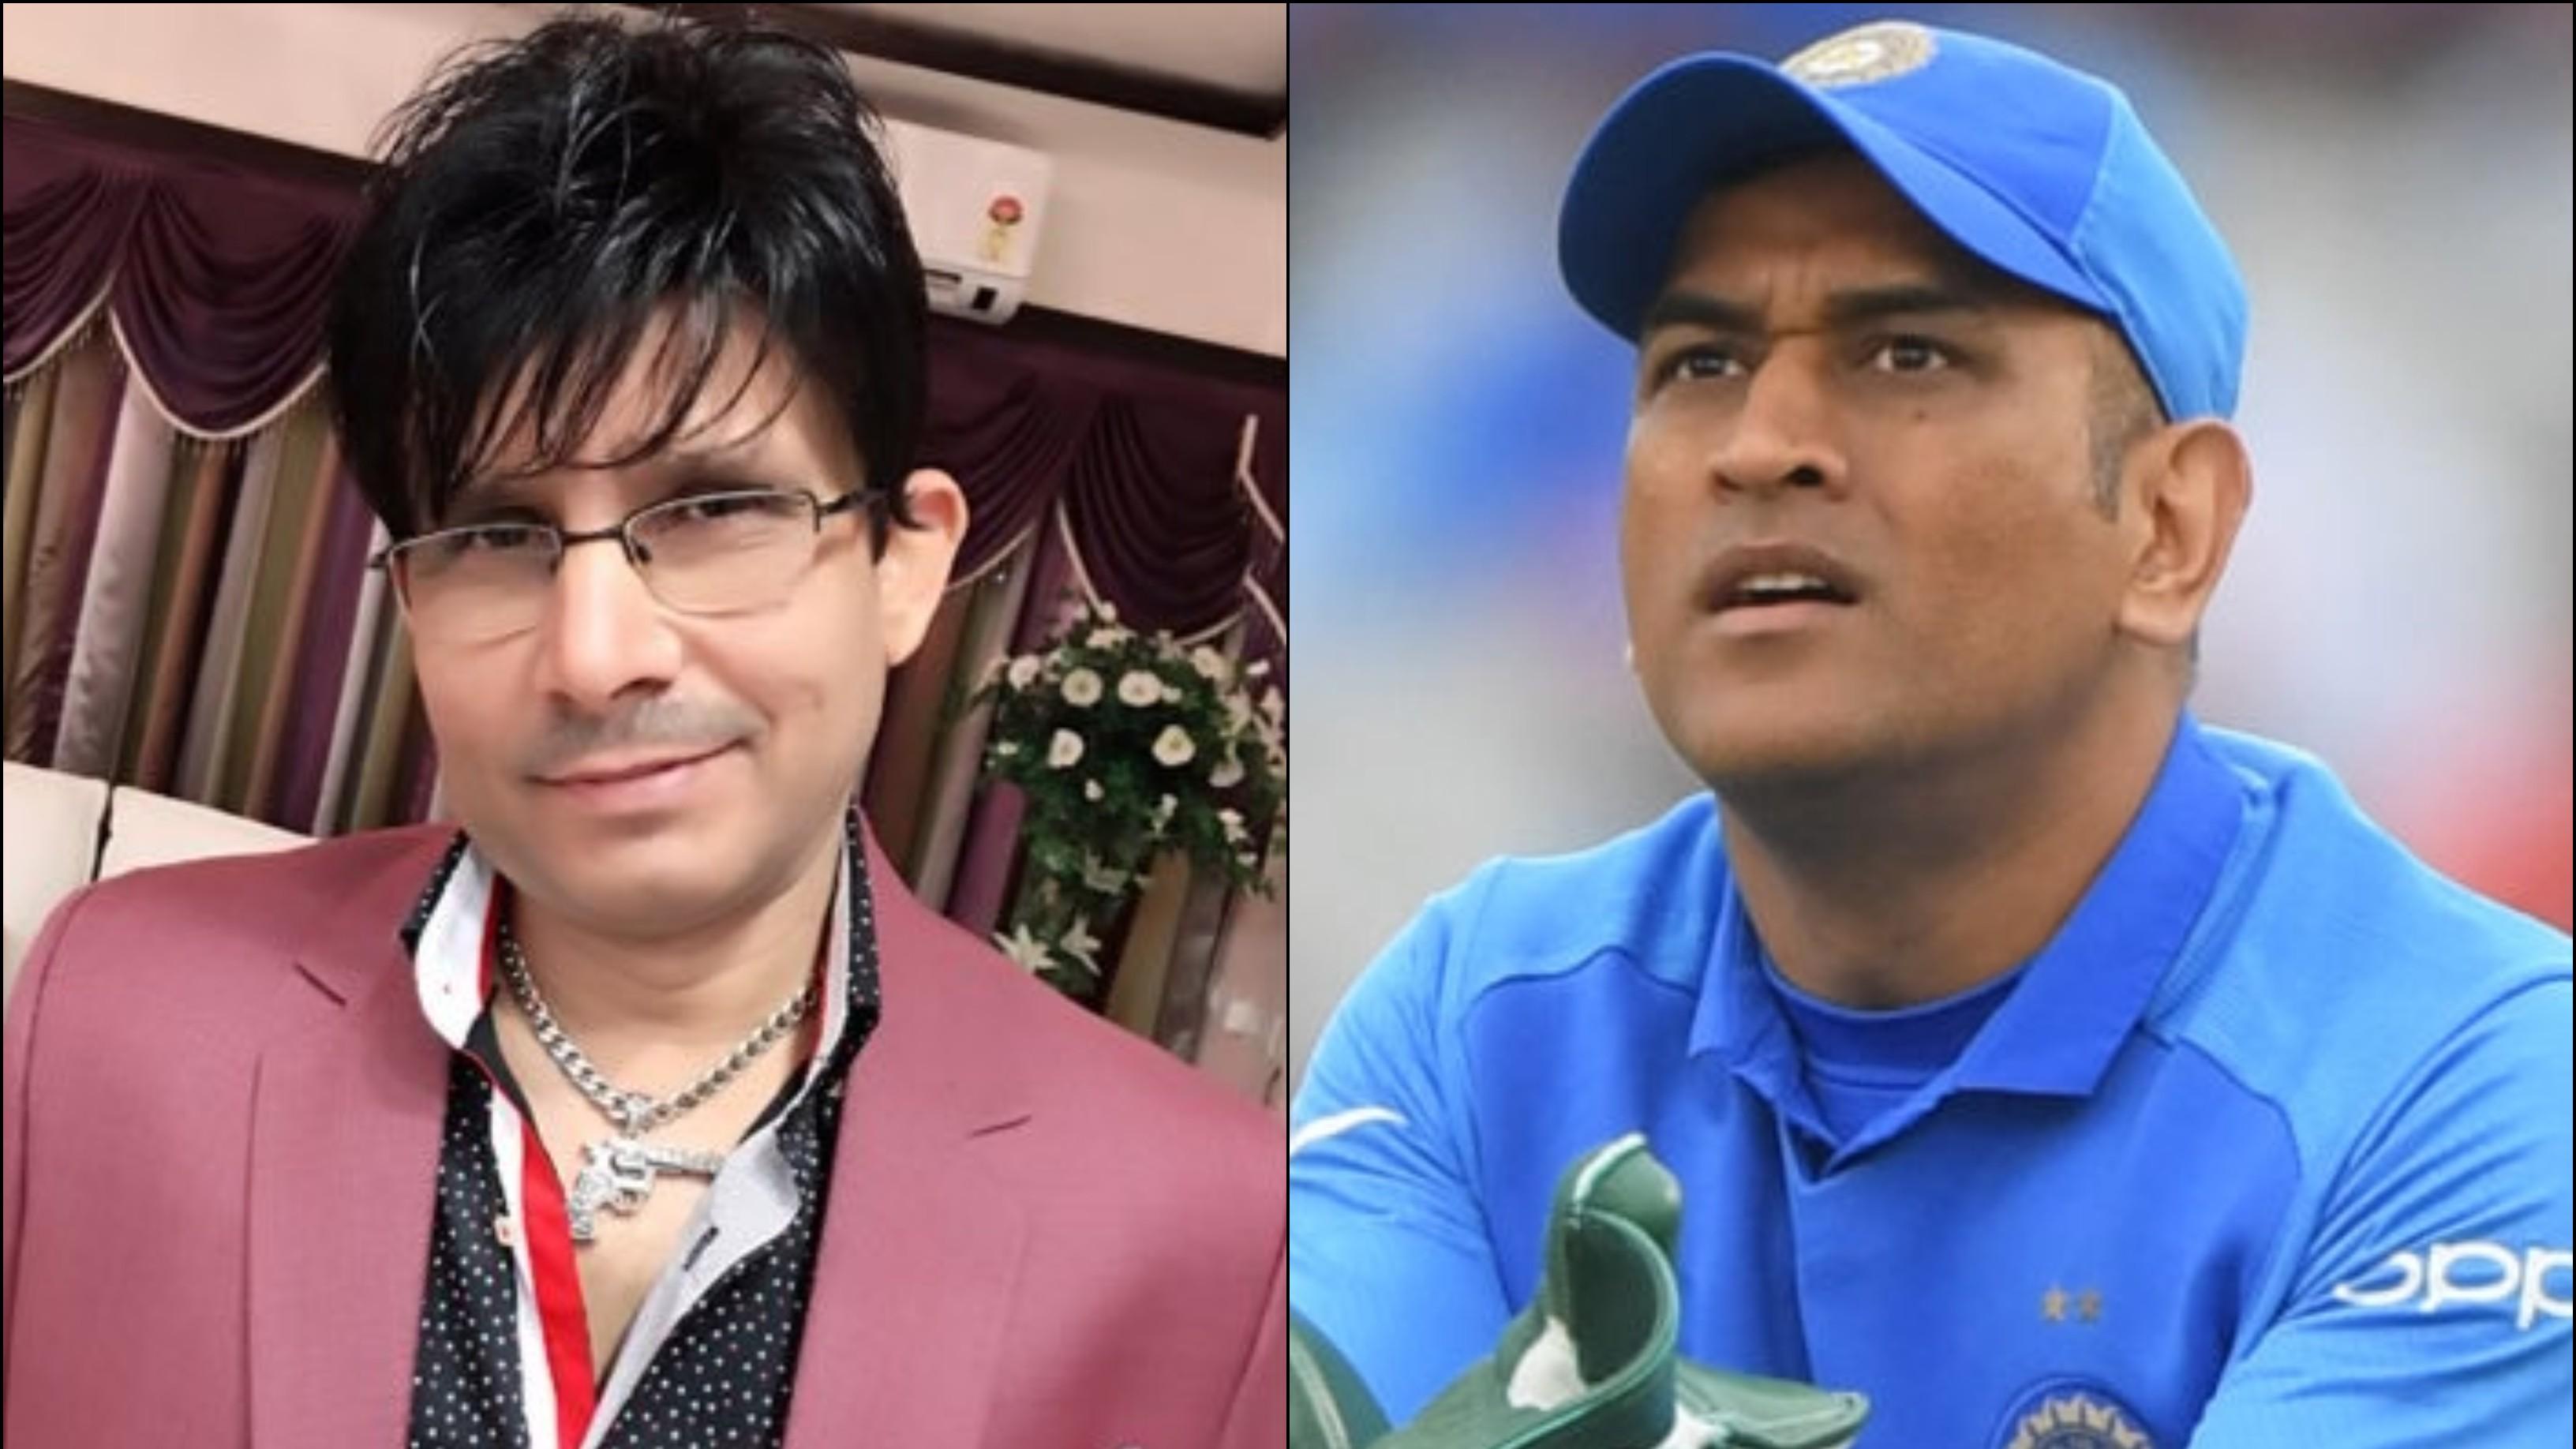 महेंद्र सिंह धोनी के लिए भद्दे ट्वीट पर फैंस ने कमाल राशिद खान को लगाई लताड़